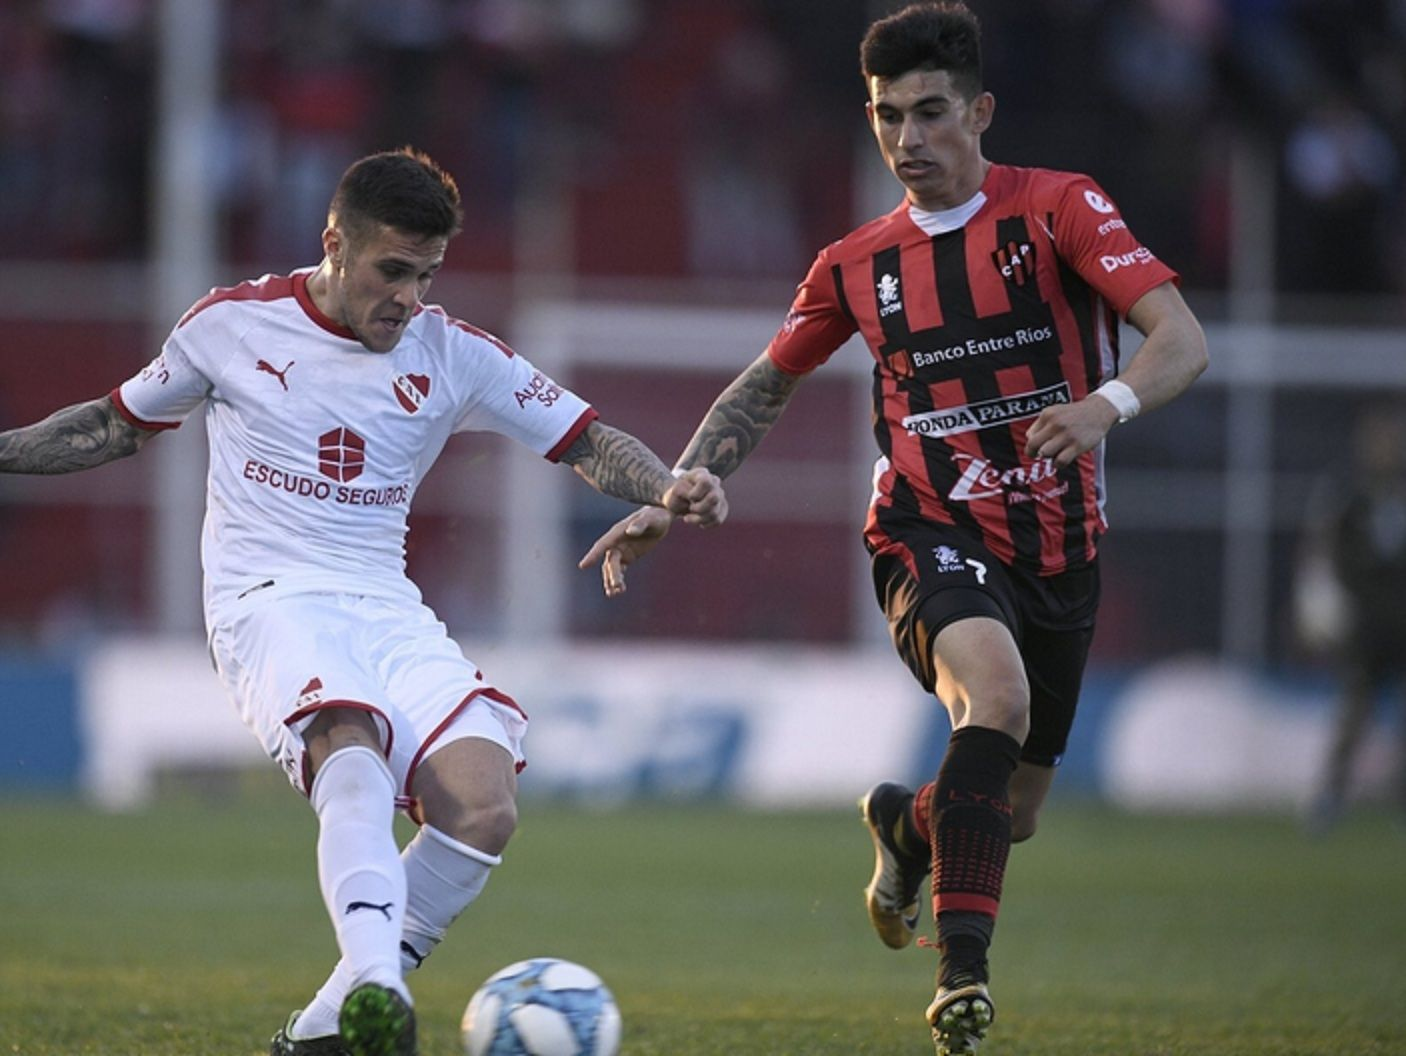 Independiente cayó ante Patronato y sigue sin encontrar su identidad